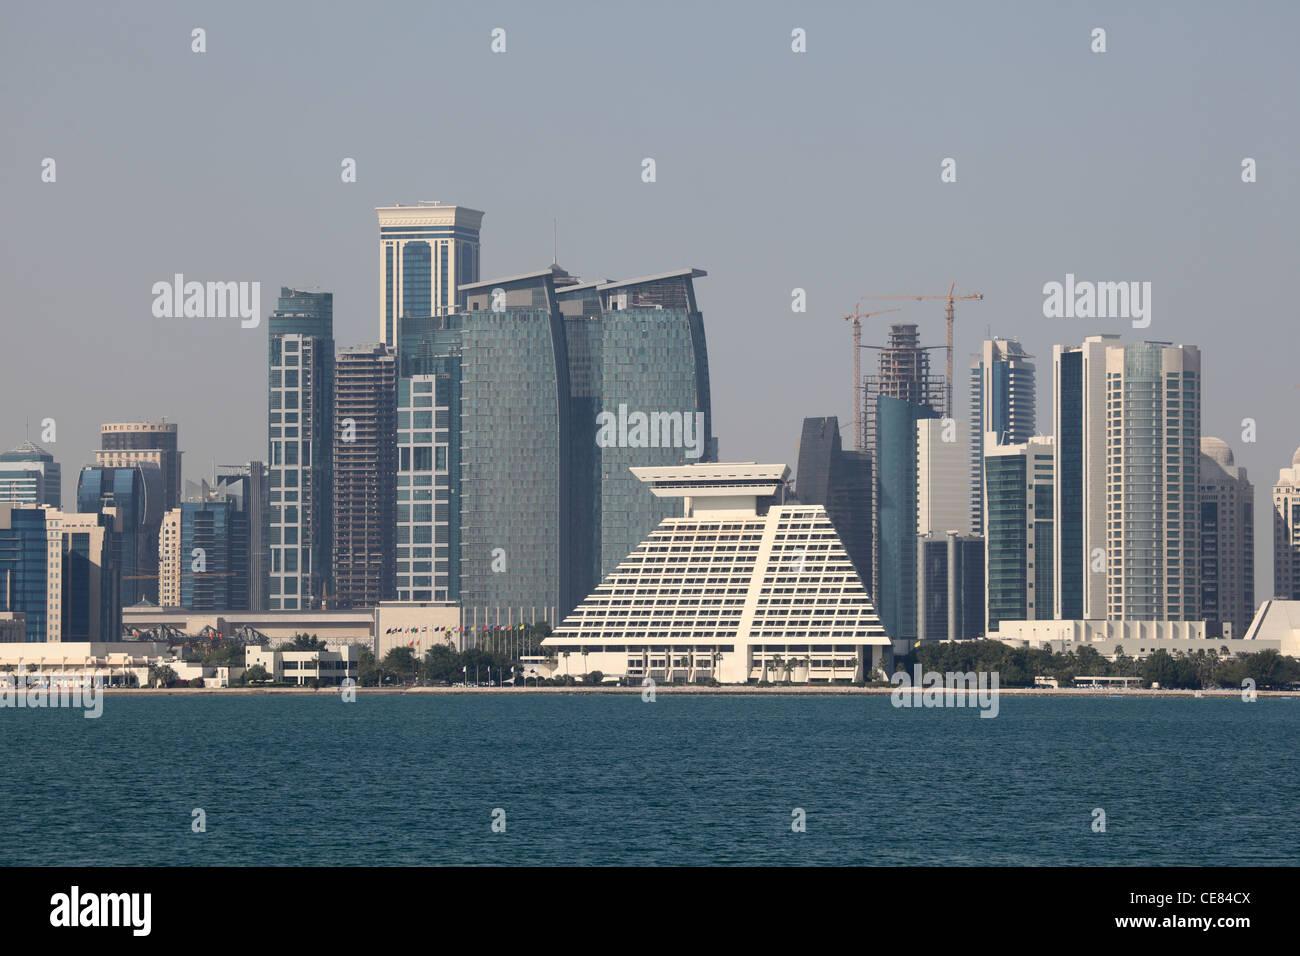 Les toits de la ville de Doha Dafna district. Le Qatar, au Moyen-Orient Photo Stock